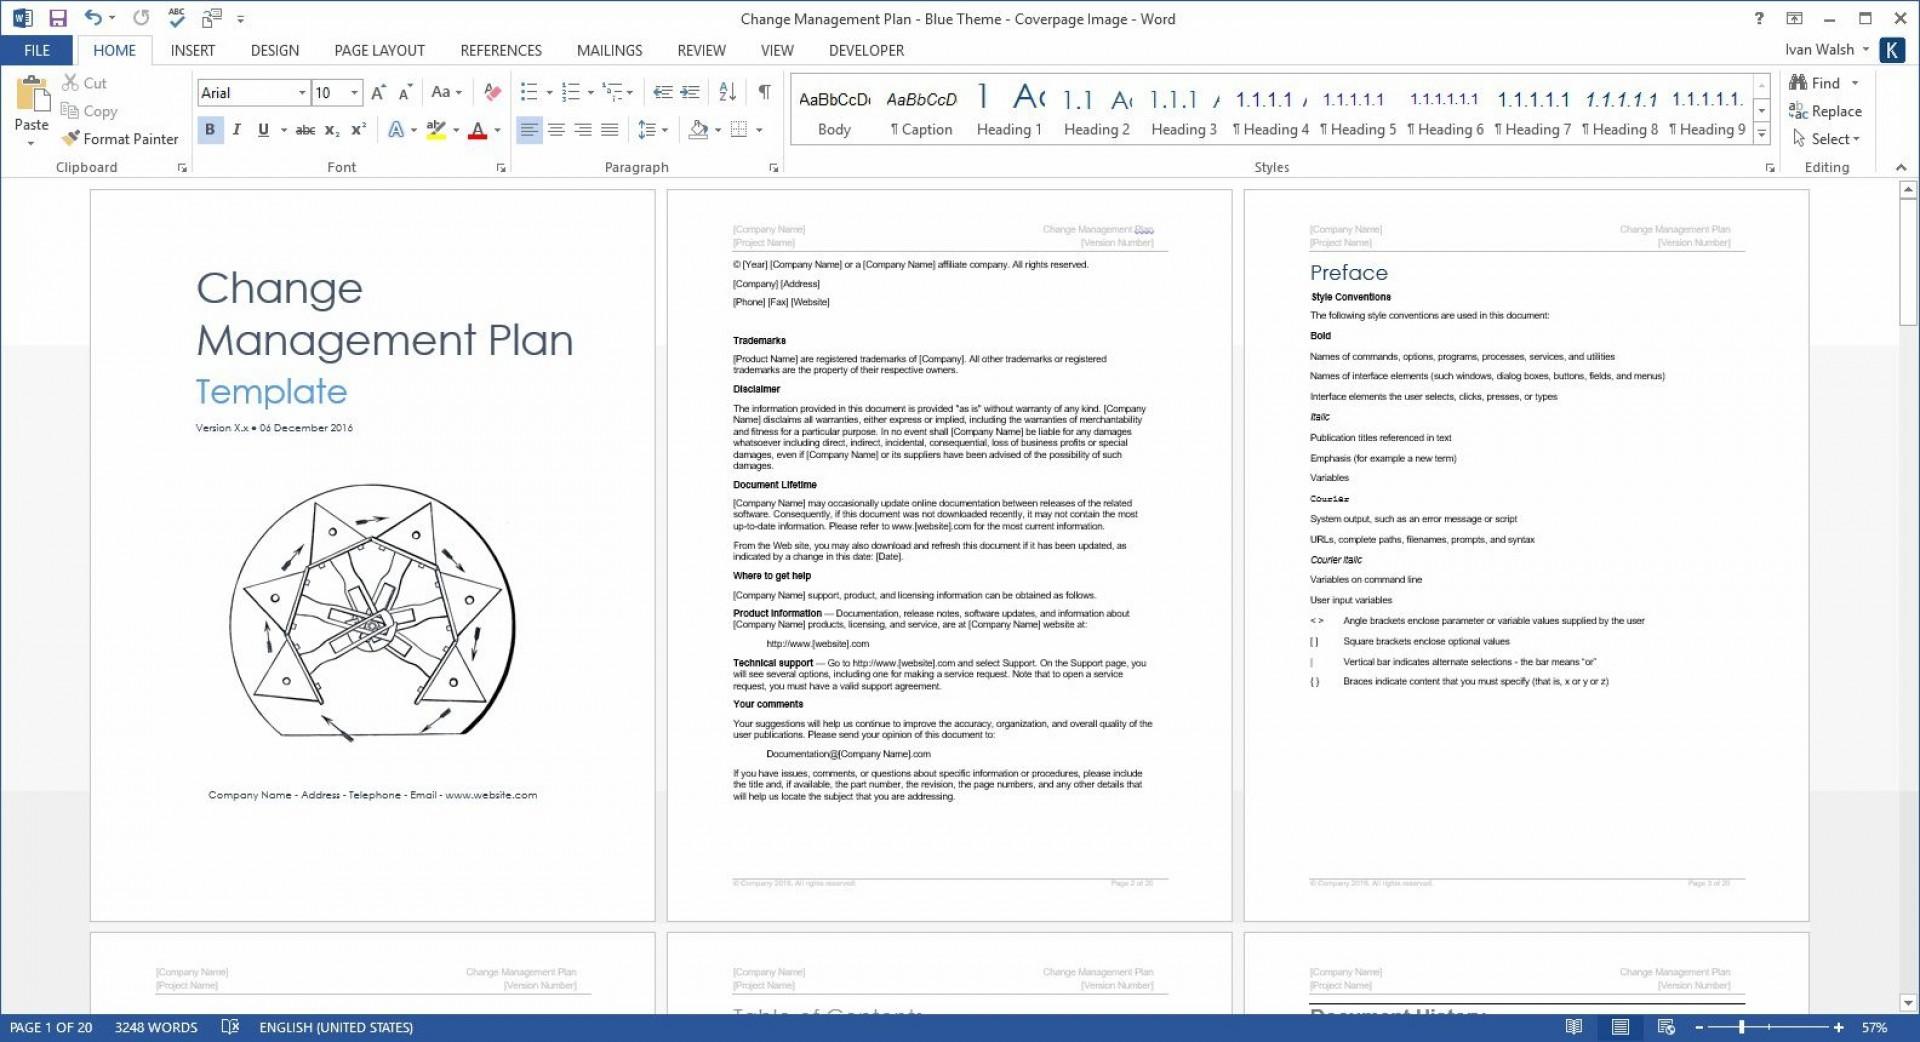 004 Surprising Change Management Plan Template Concept  Templates1920